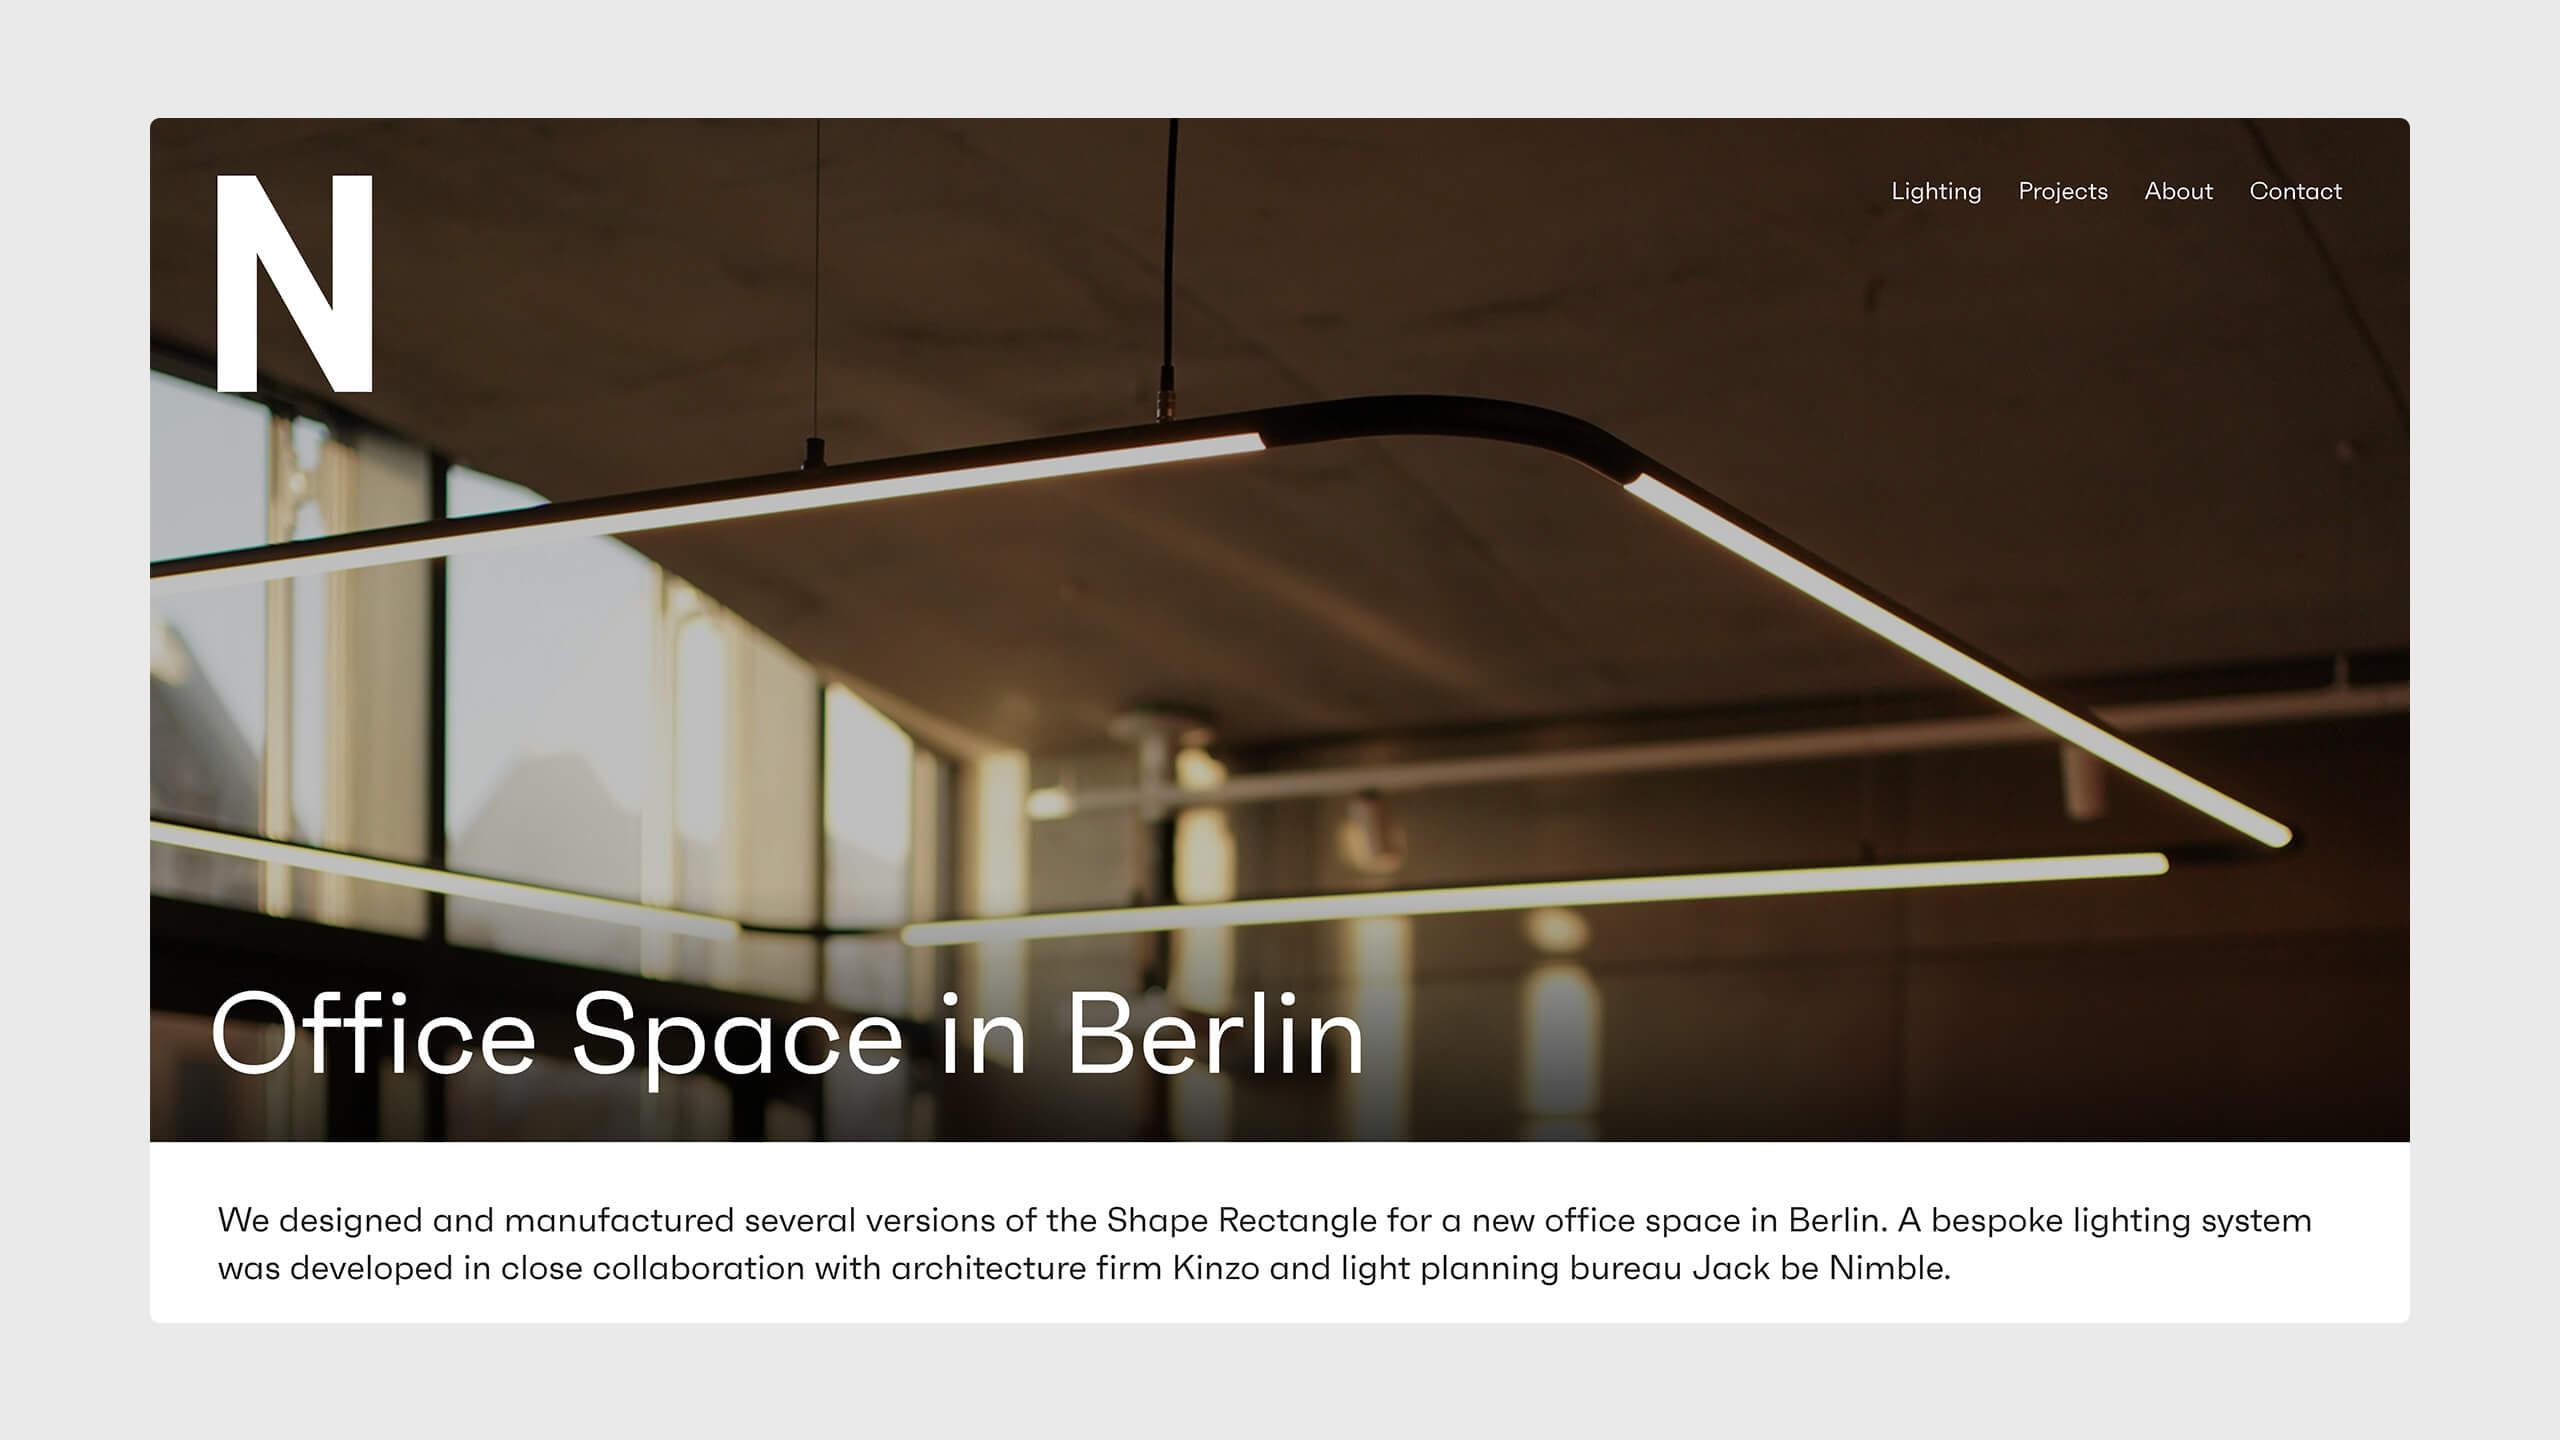 Image of Njebo Website desktop version